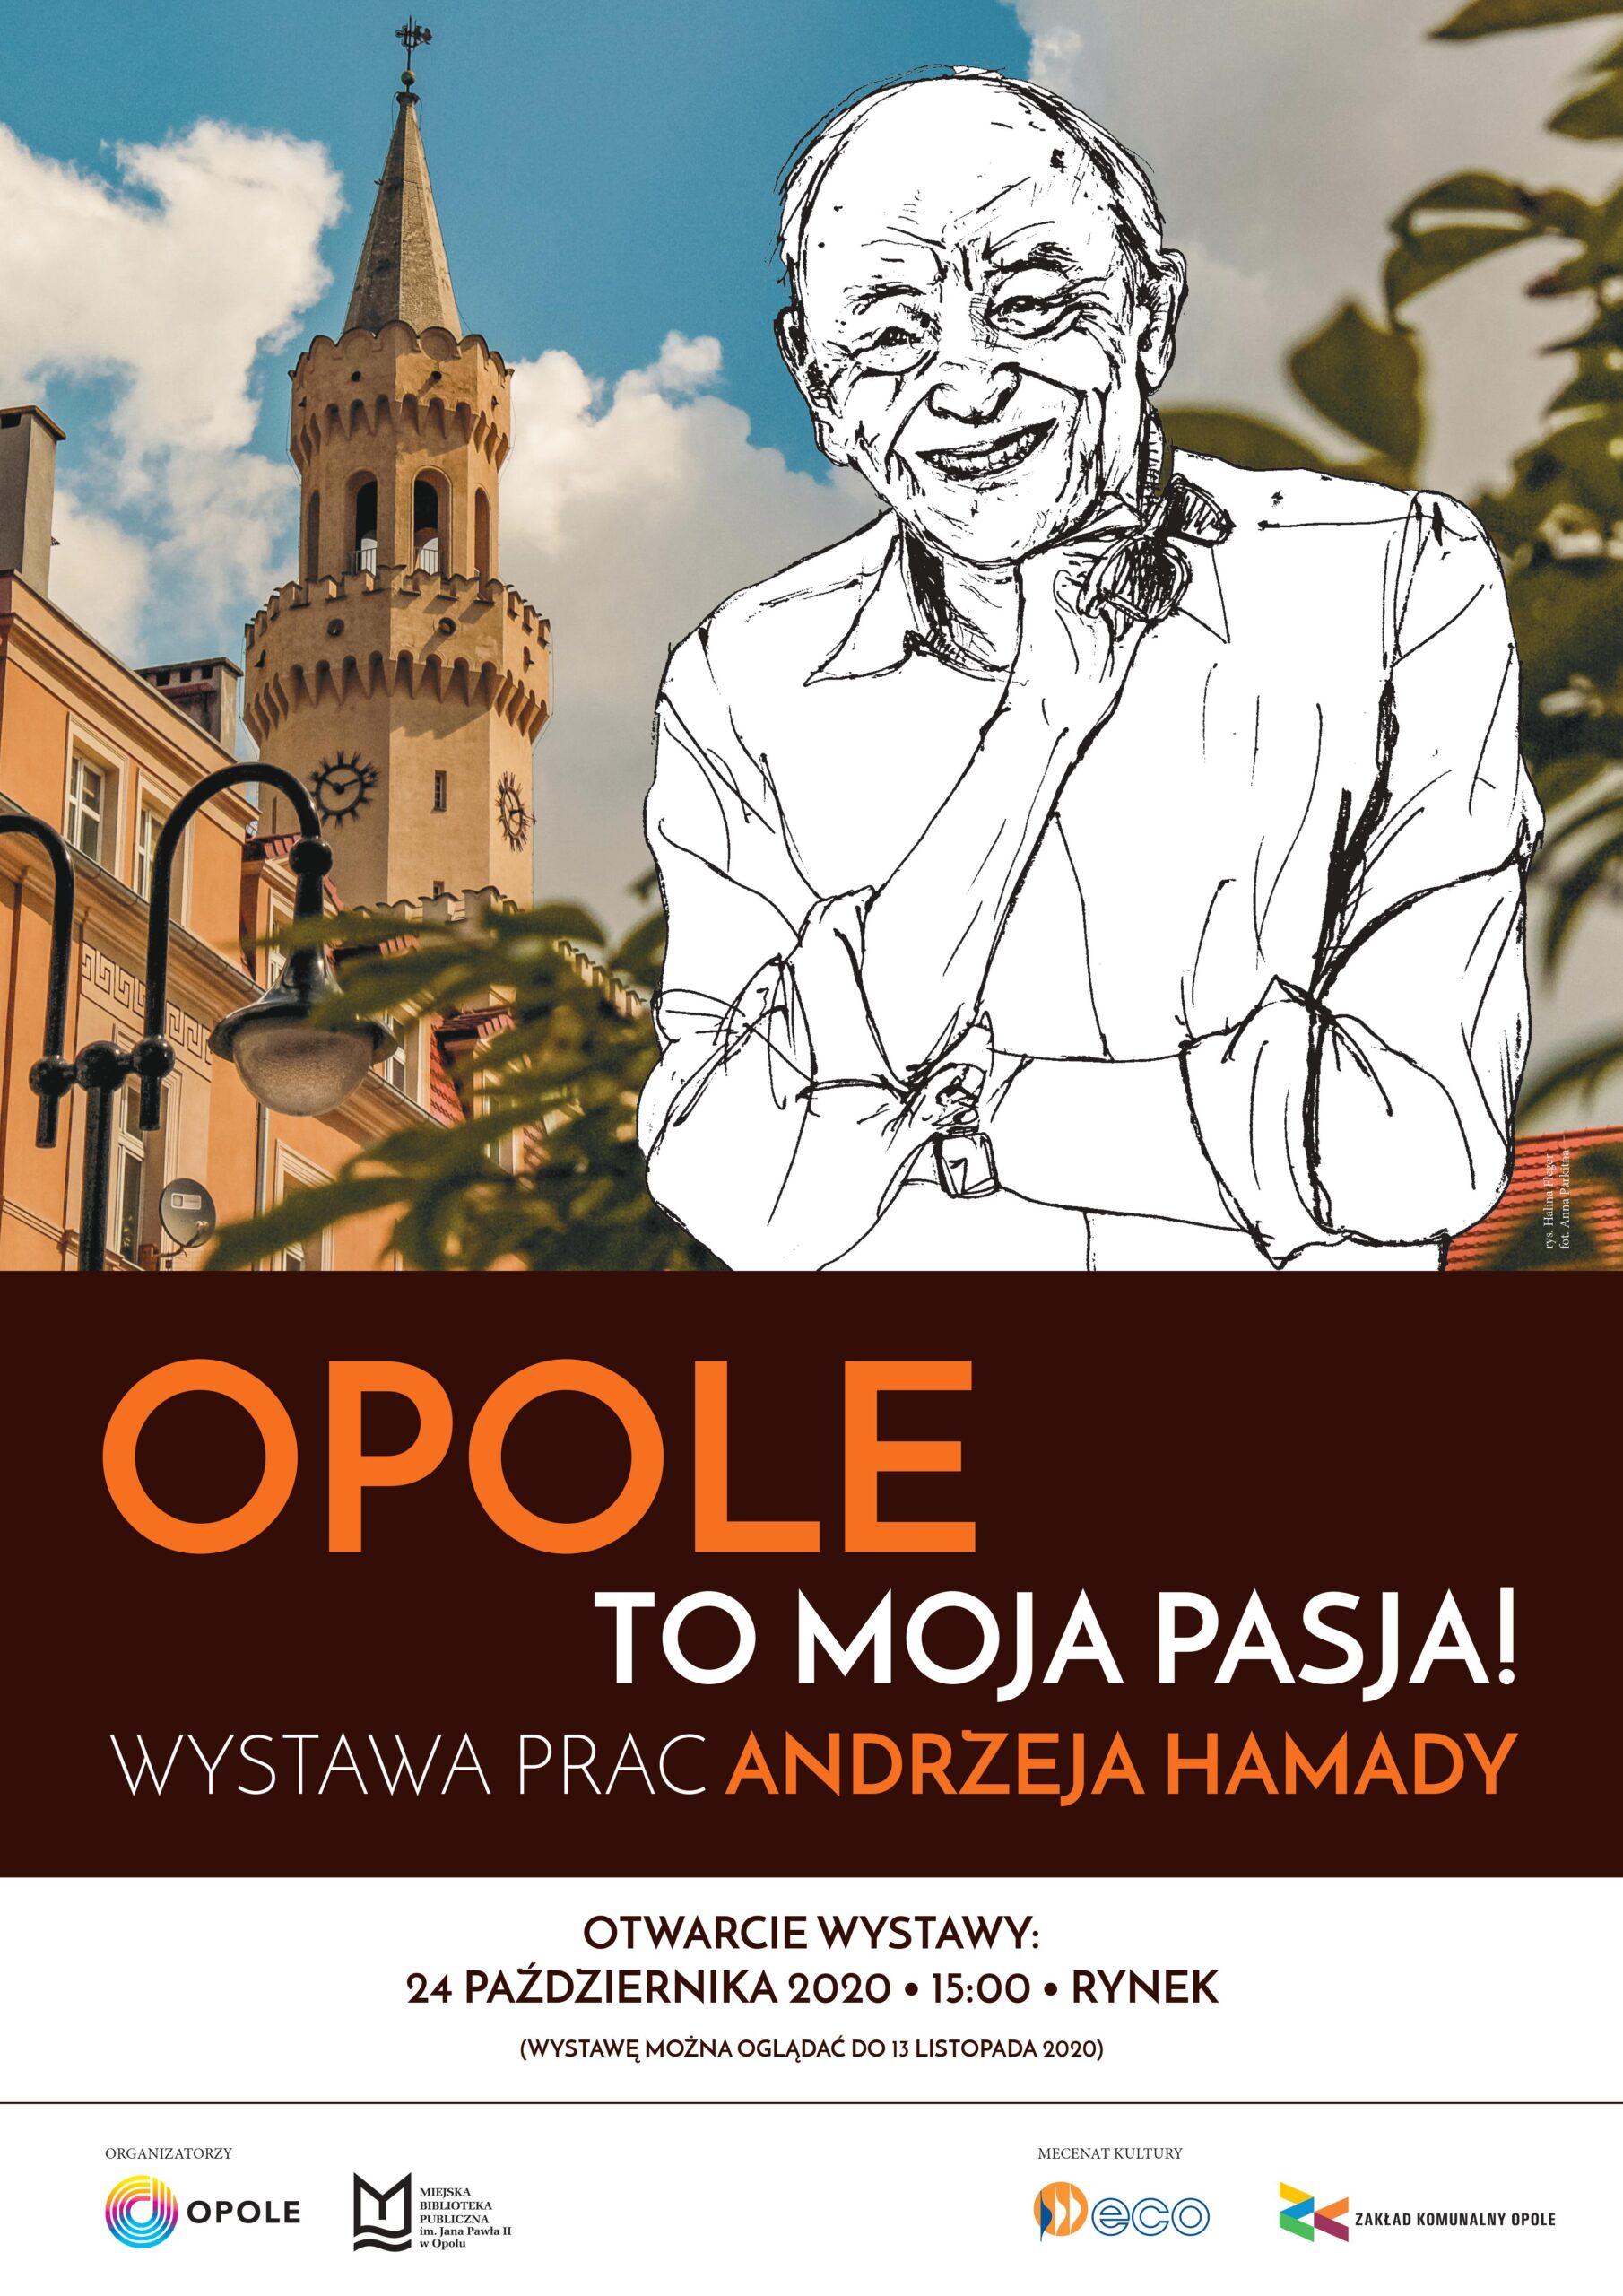 WYDARZENIE ODWOŁANE!!! / Opole to moja pasja! – wystawa prac Andrzeja Hamady